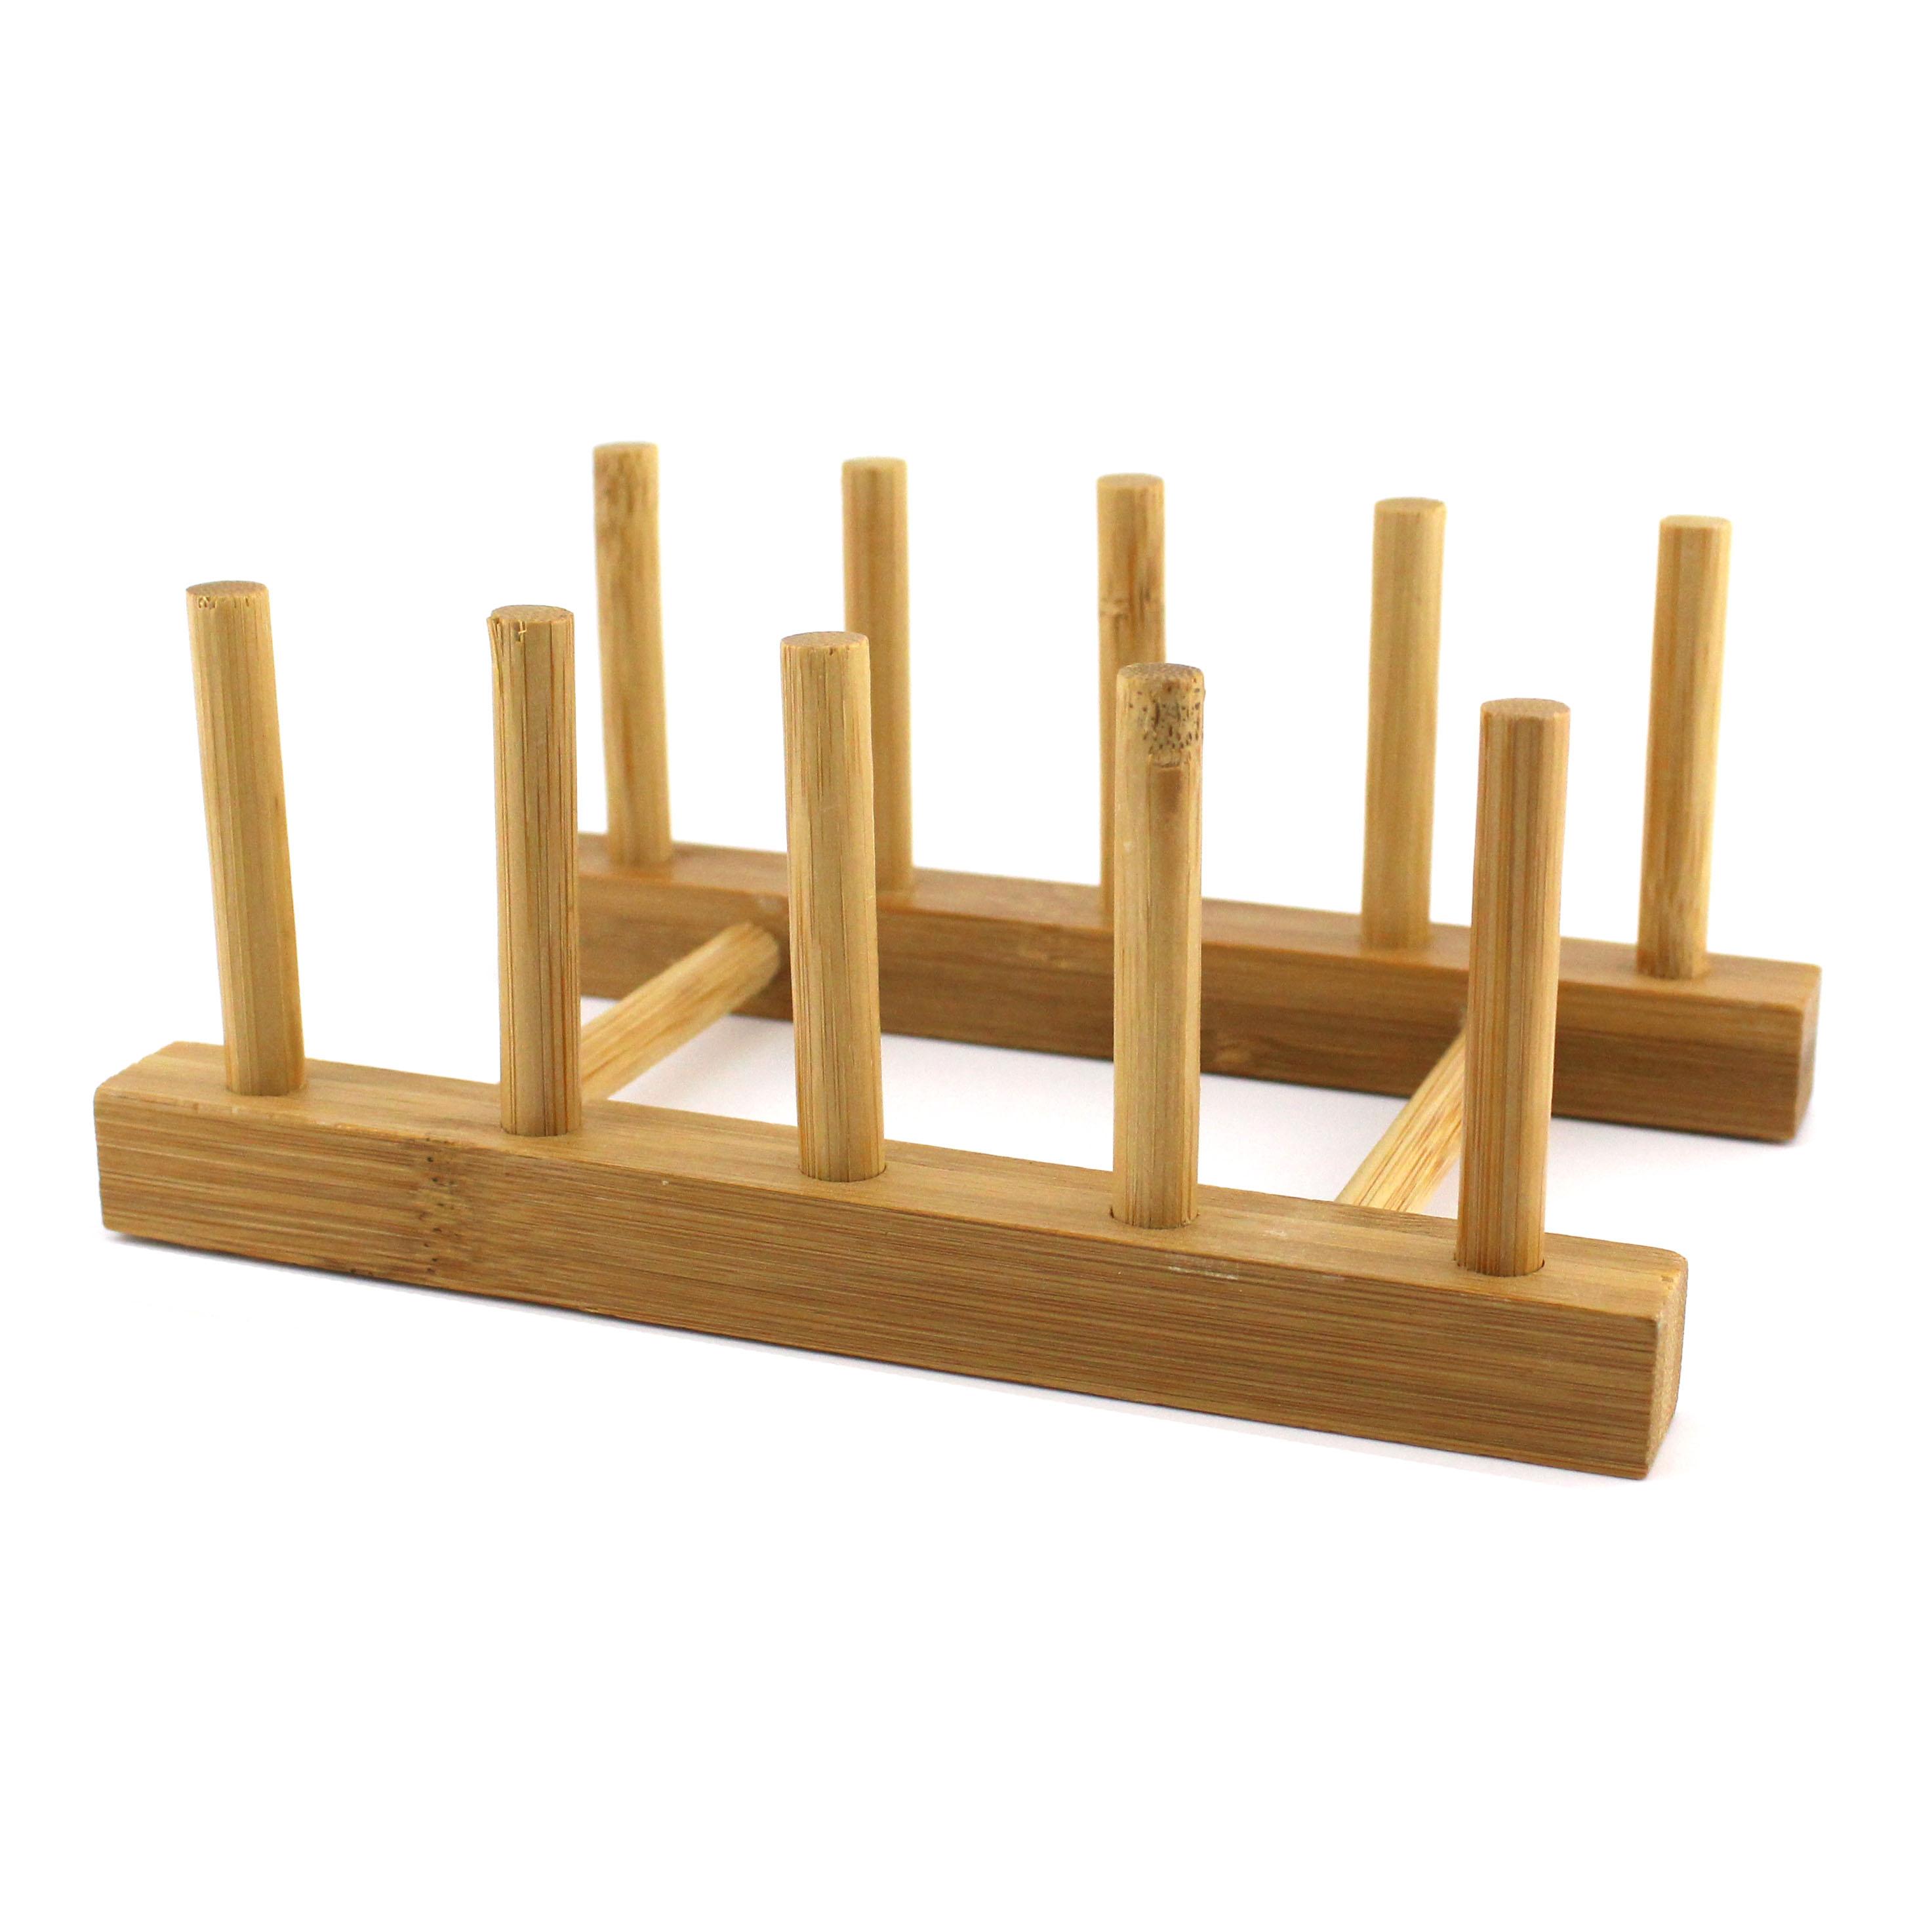 Homex Bamboo Plate Holder Rack